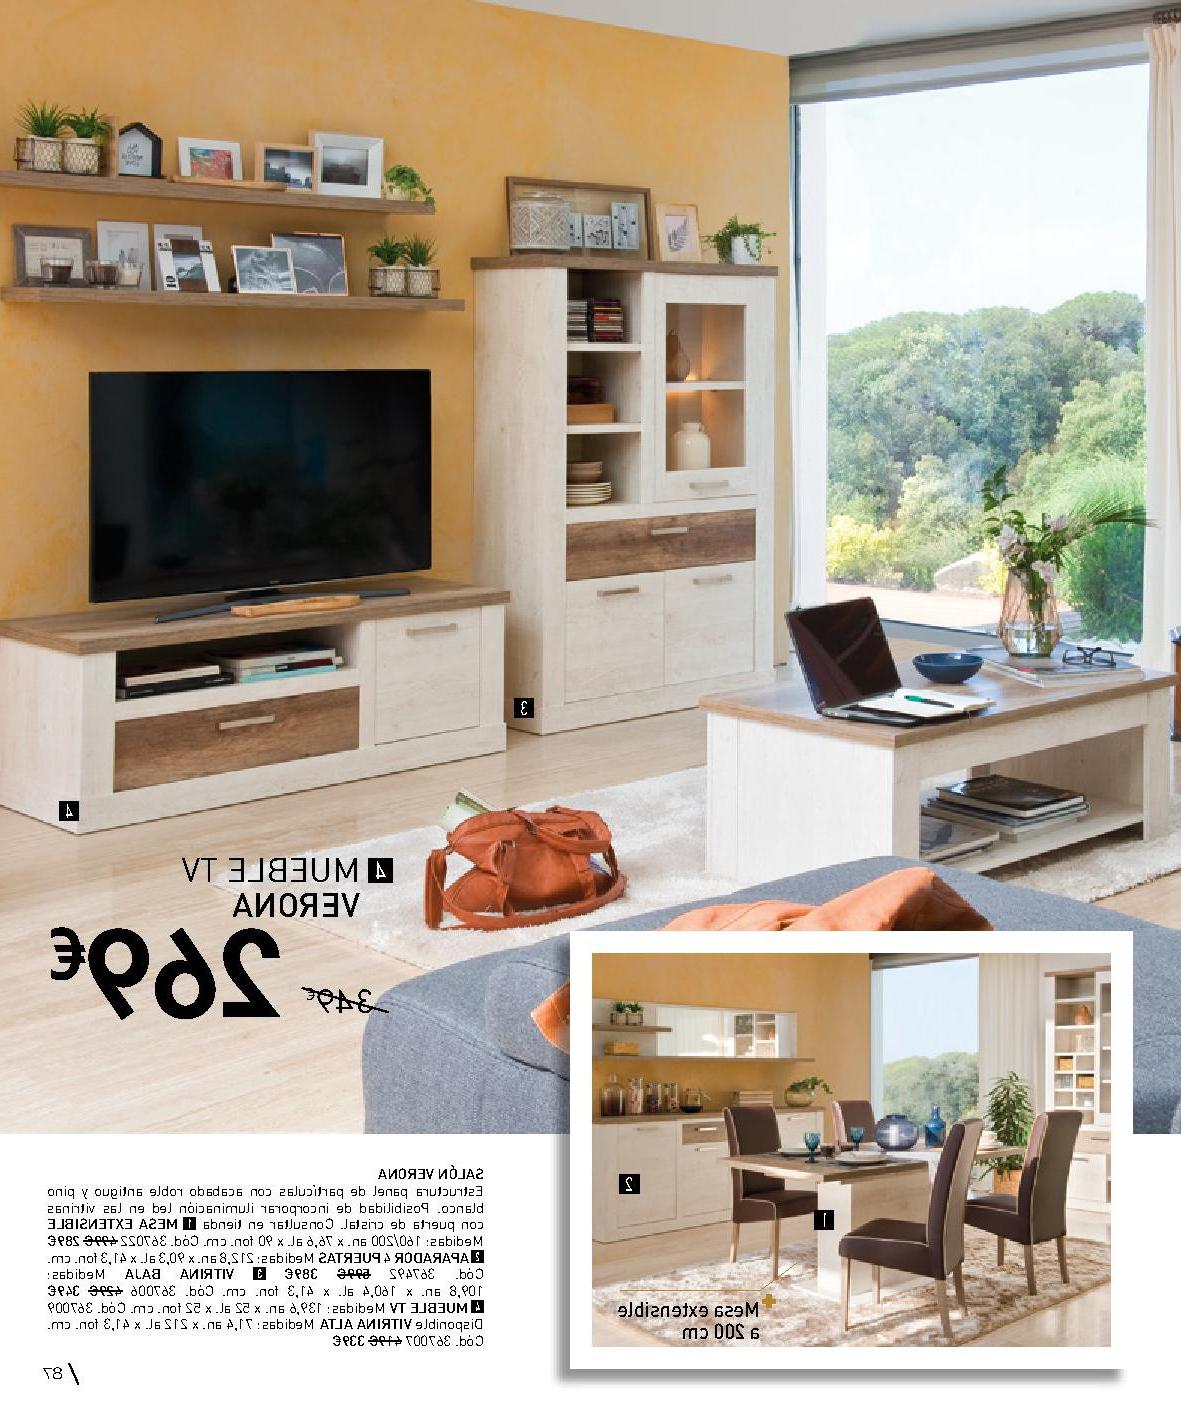 Conforama Muebles Tv S5d8 Meilleur Muebles Conforama 0